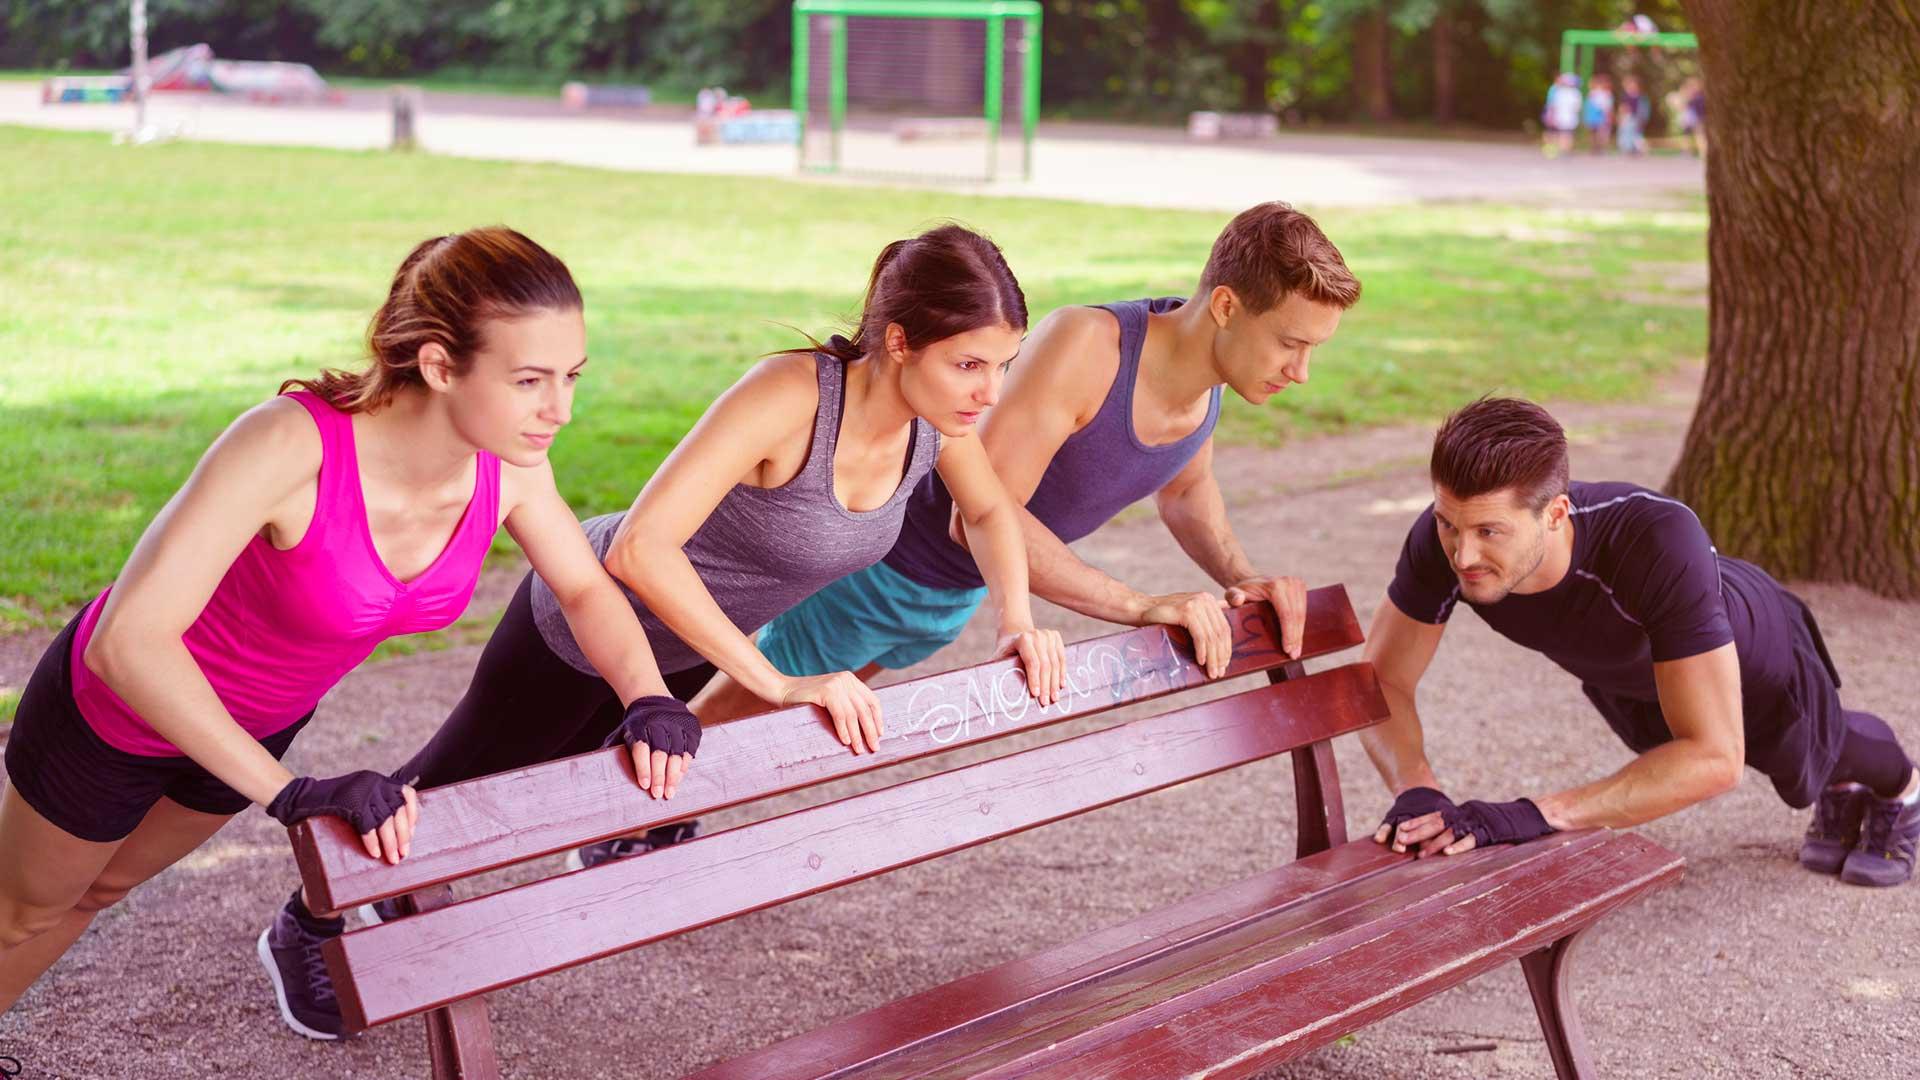 Parcours Cardio/Jeux collectifs